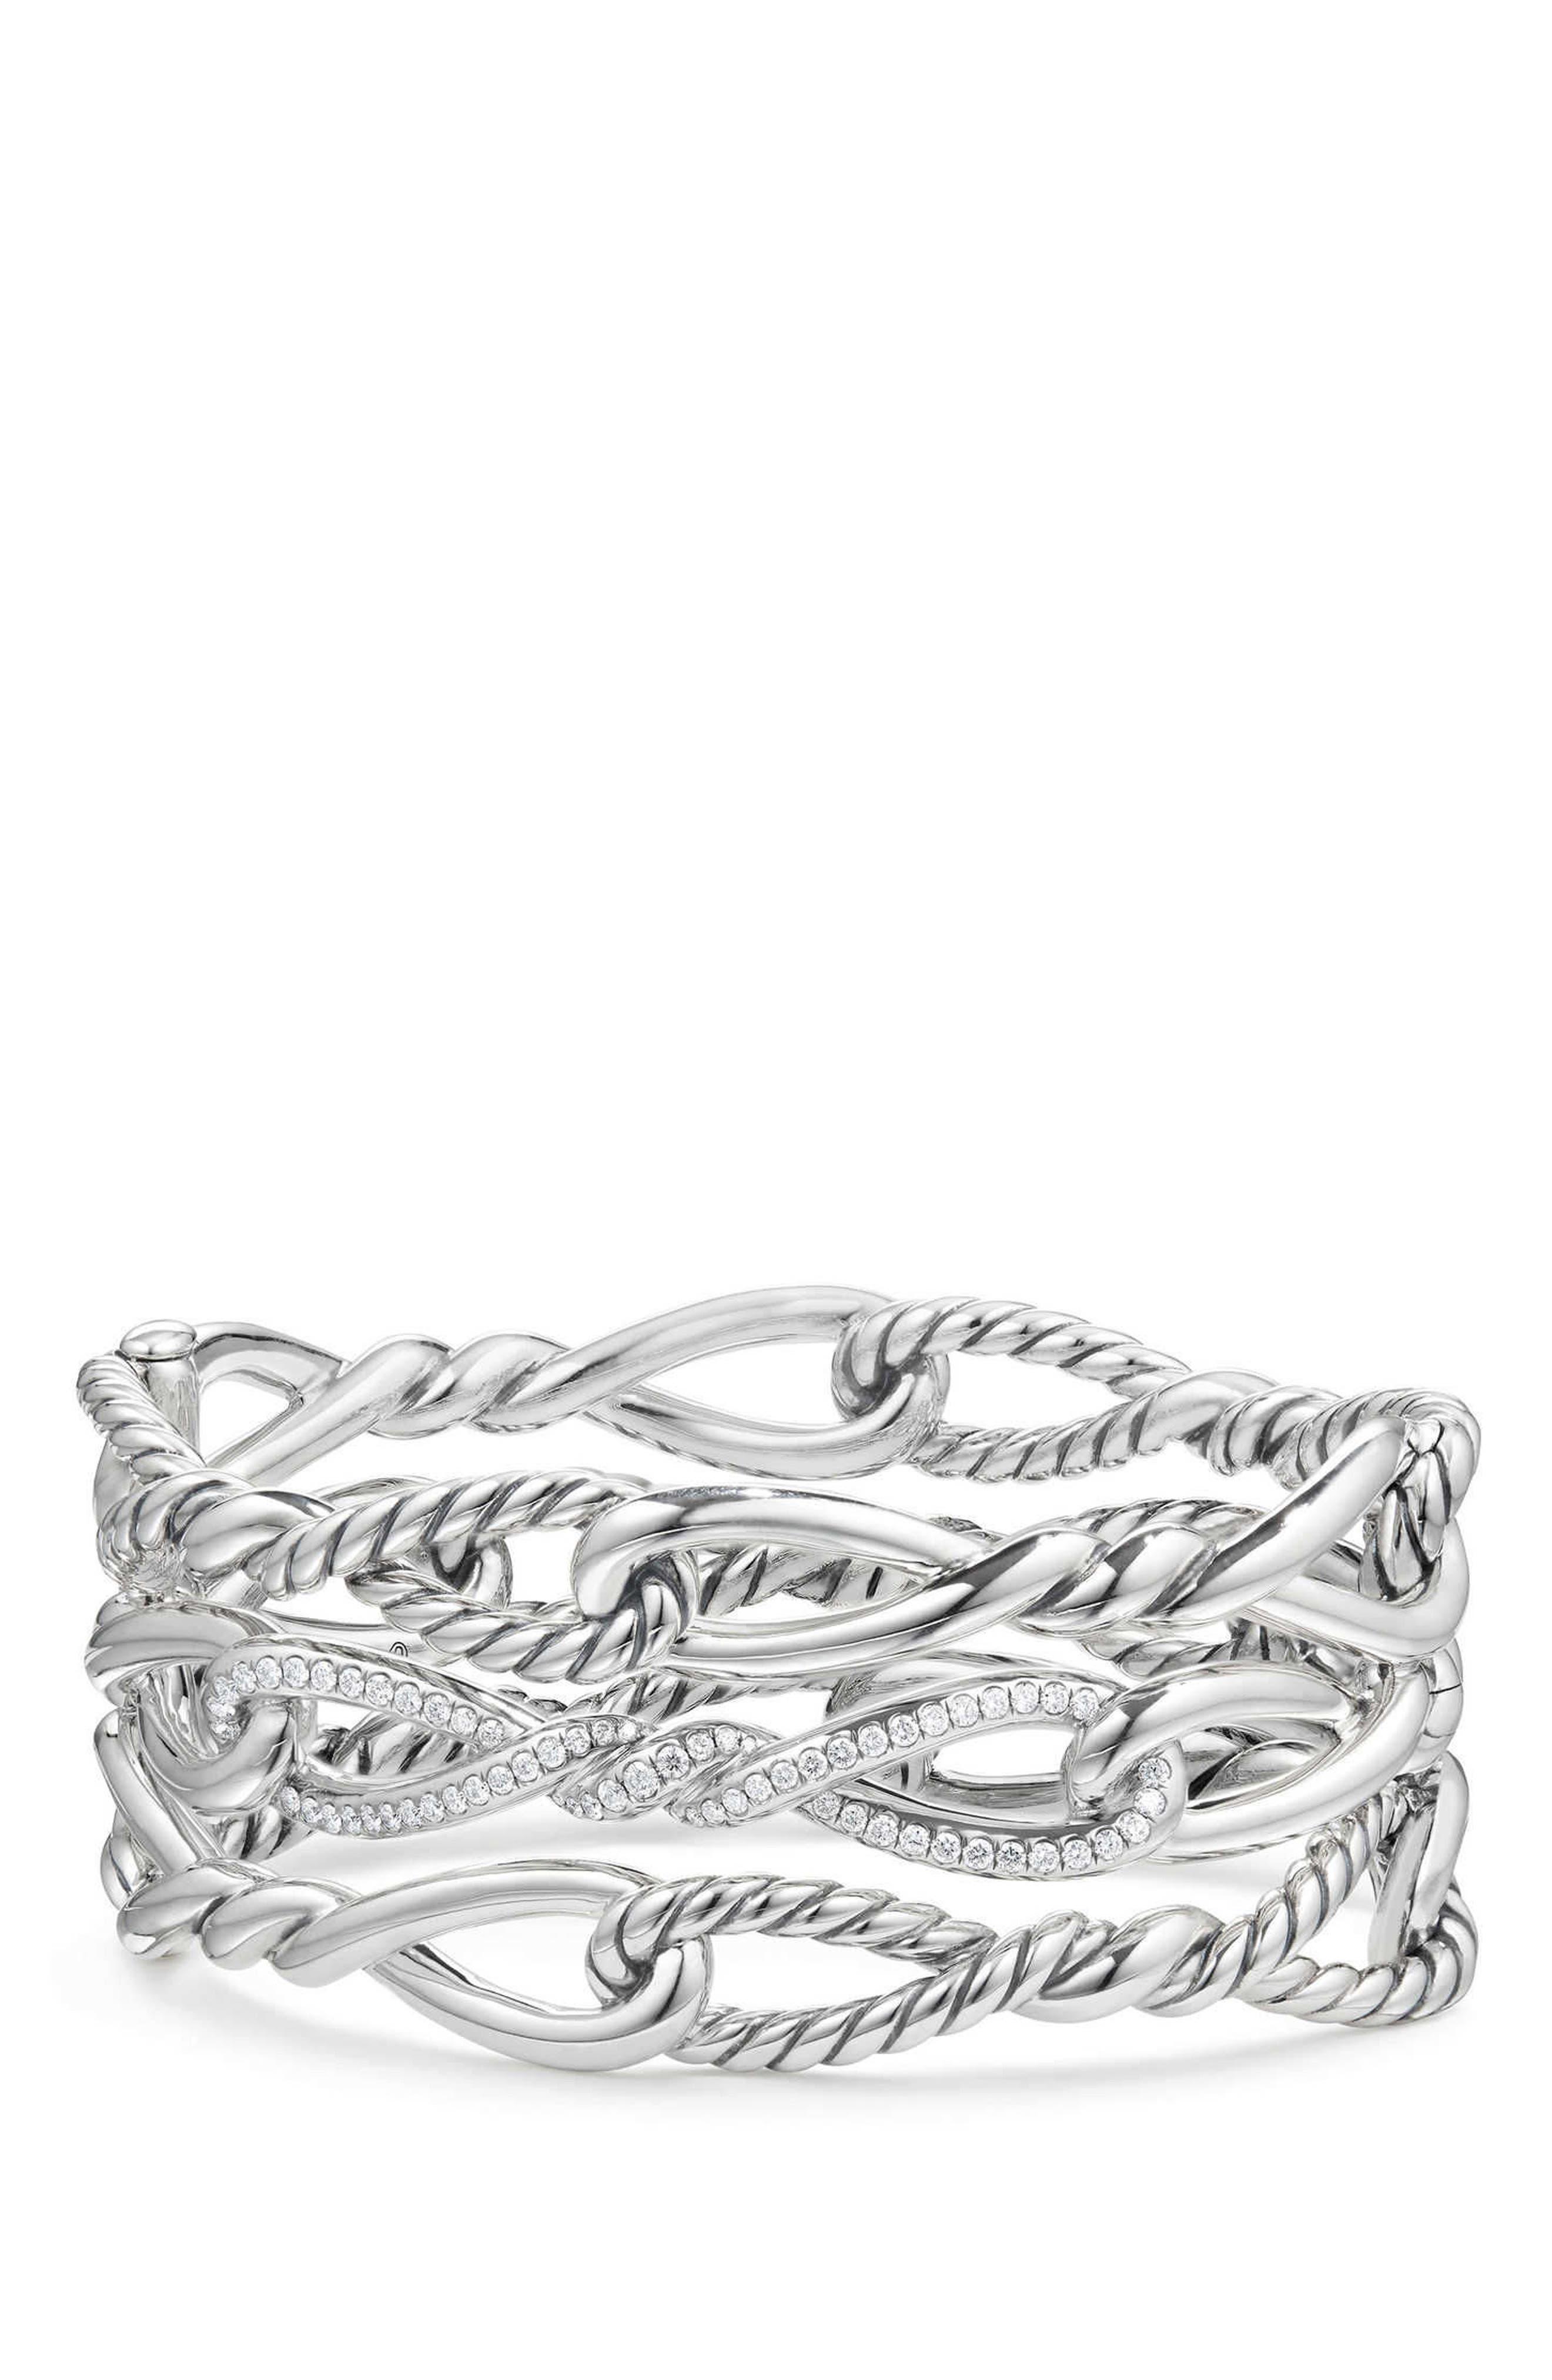 Continuance Multi Row Cuff Bracelet with Diamonds,                         Main,                         color, SILVER/ DIAMOND